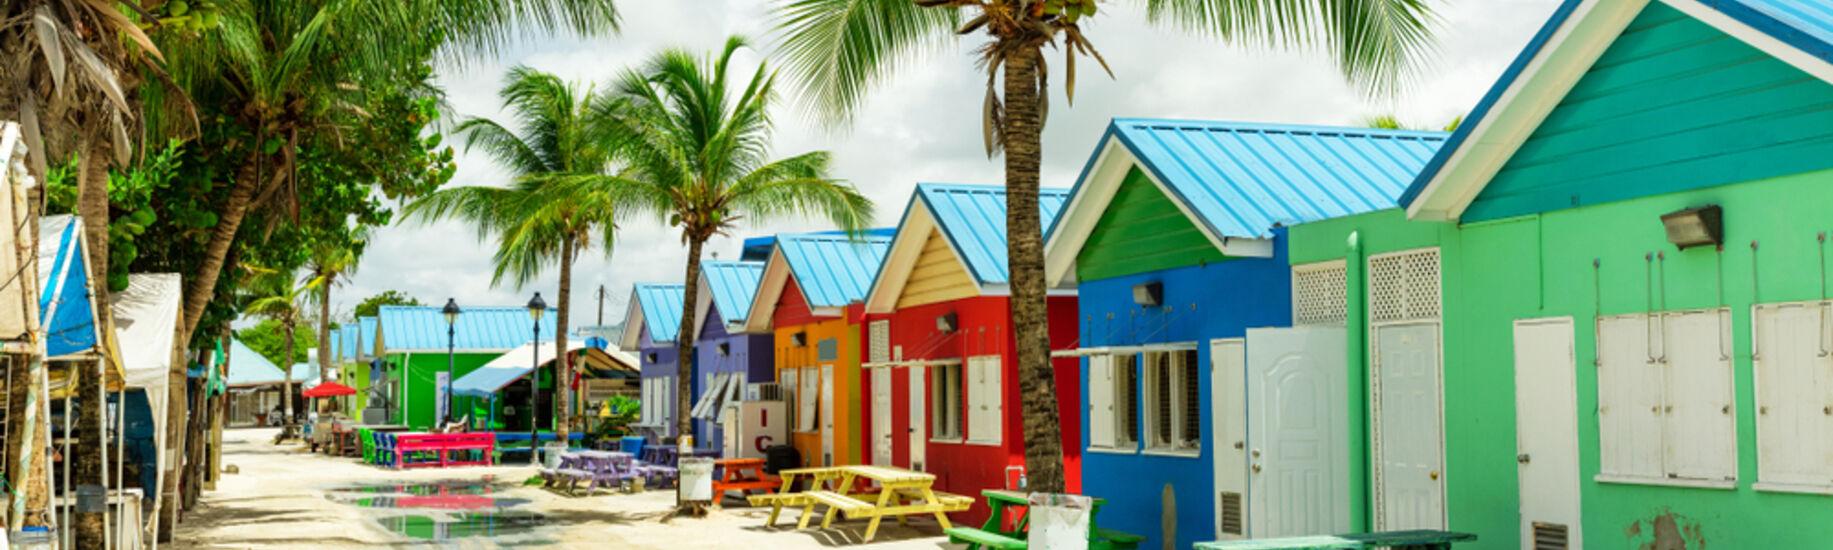 History & Culture Barbados